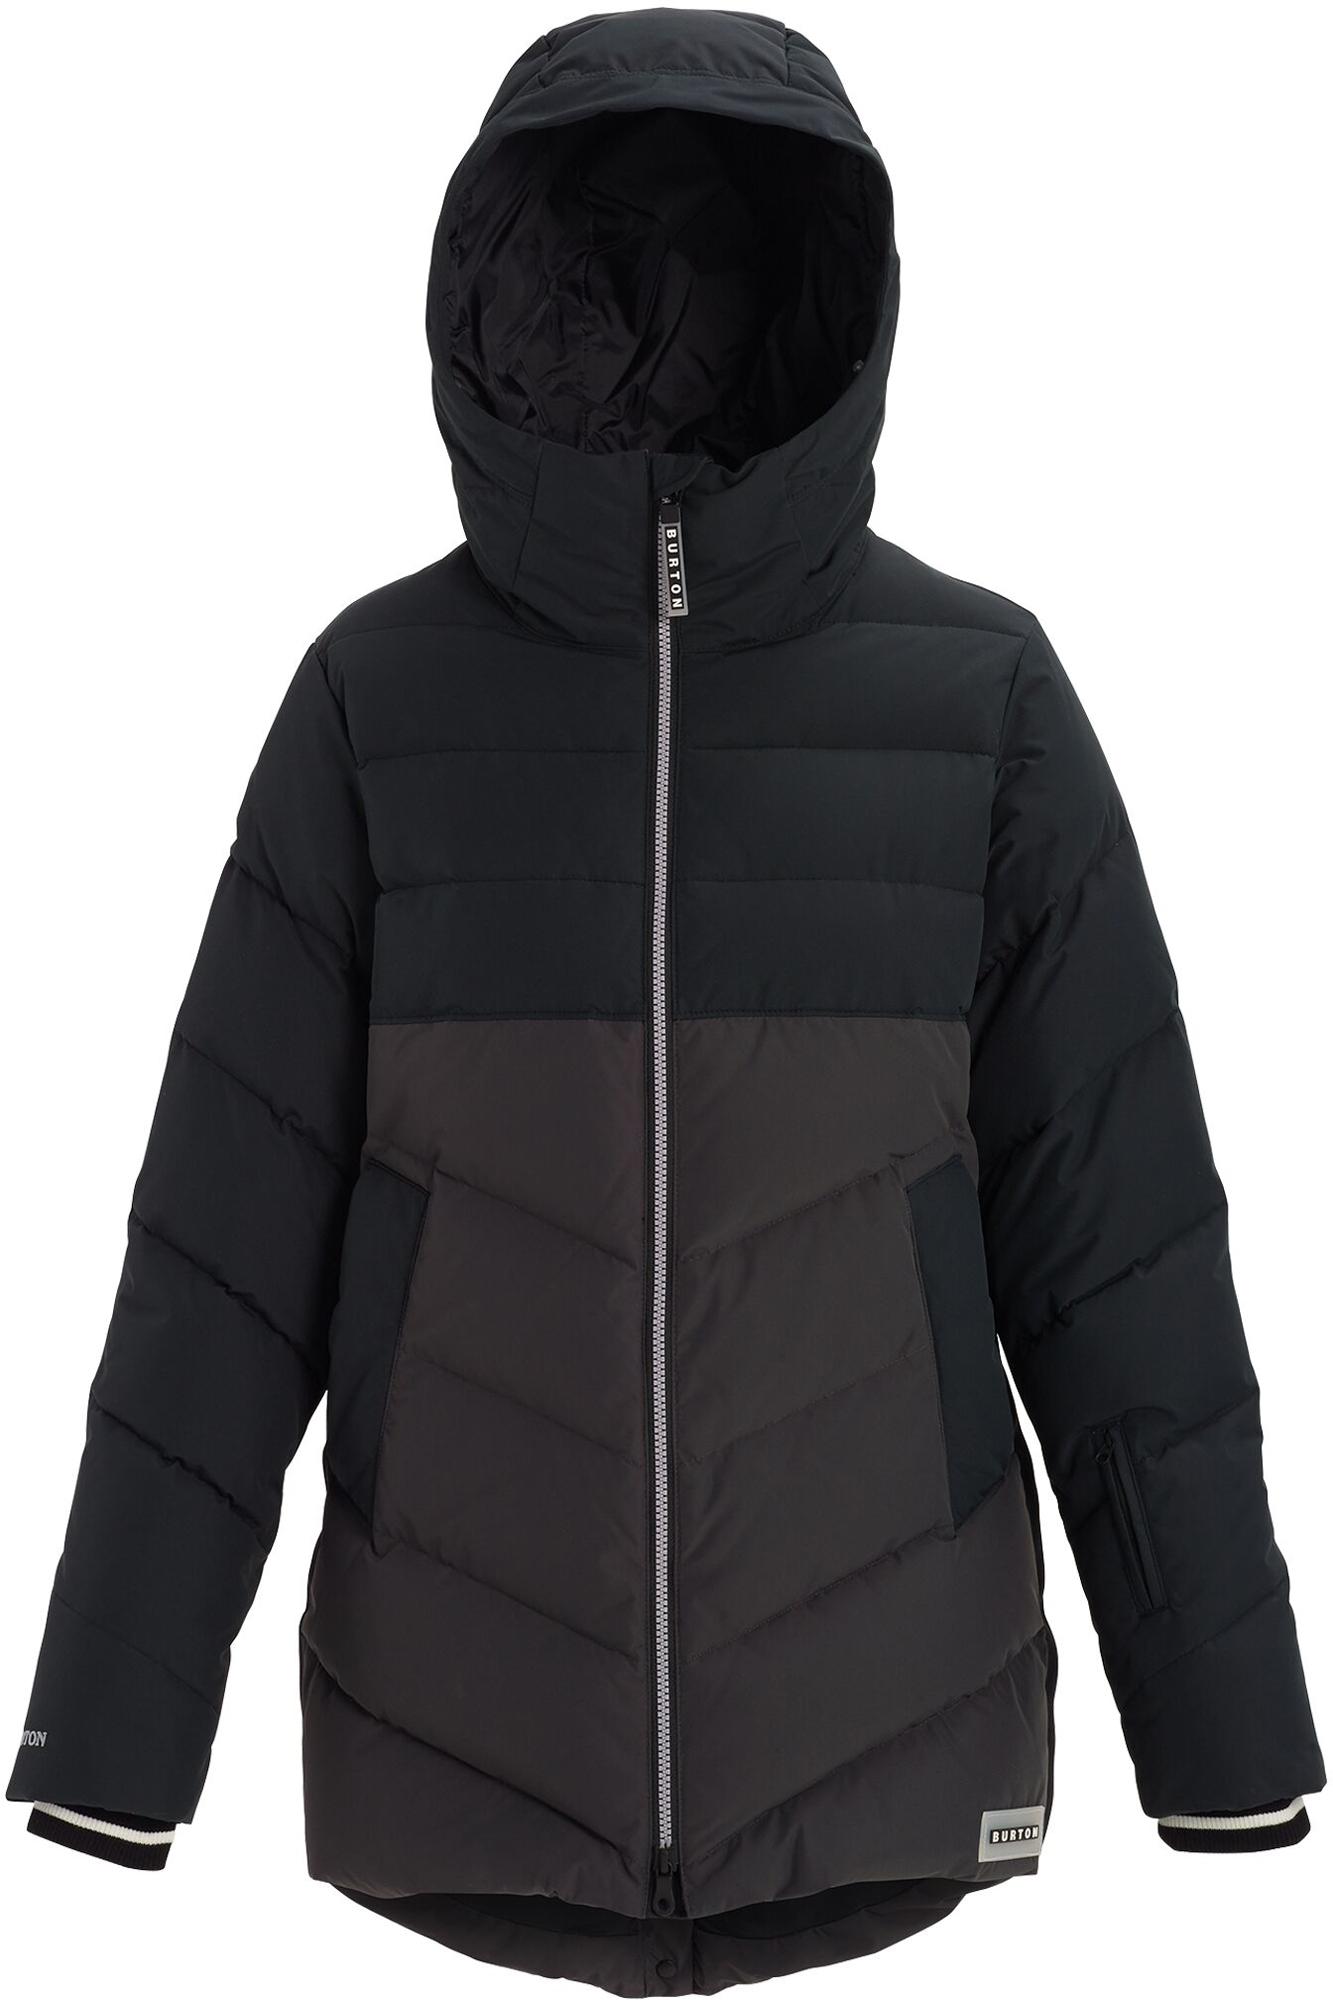 пуховик женский puma 70 30 480 down jacket цвет молочный 85166611 размер m 44 46 Burton Куртка пуховая женская Burton Loyle Down, размер 44-46